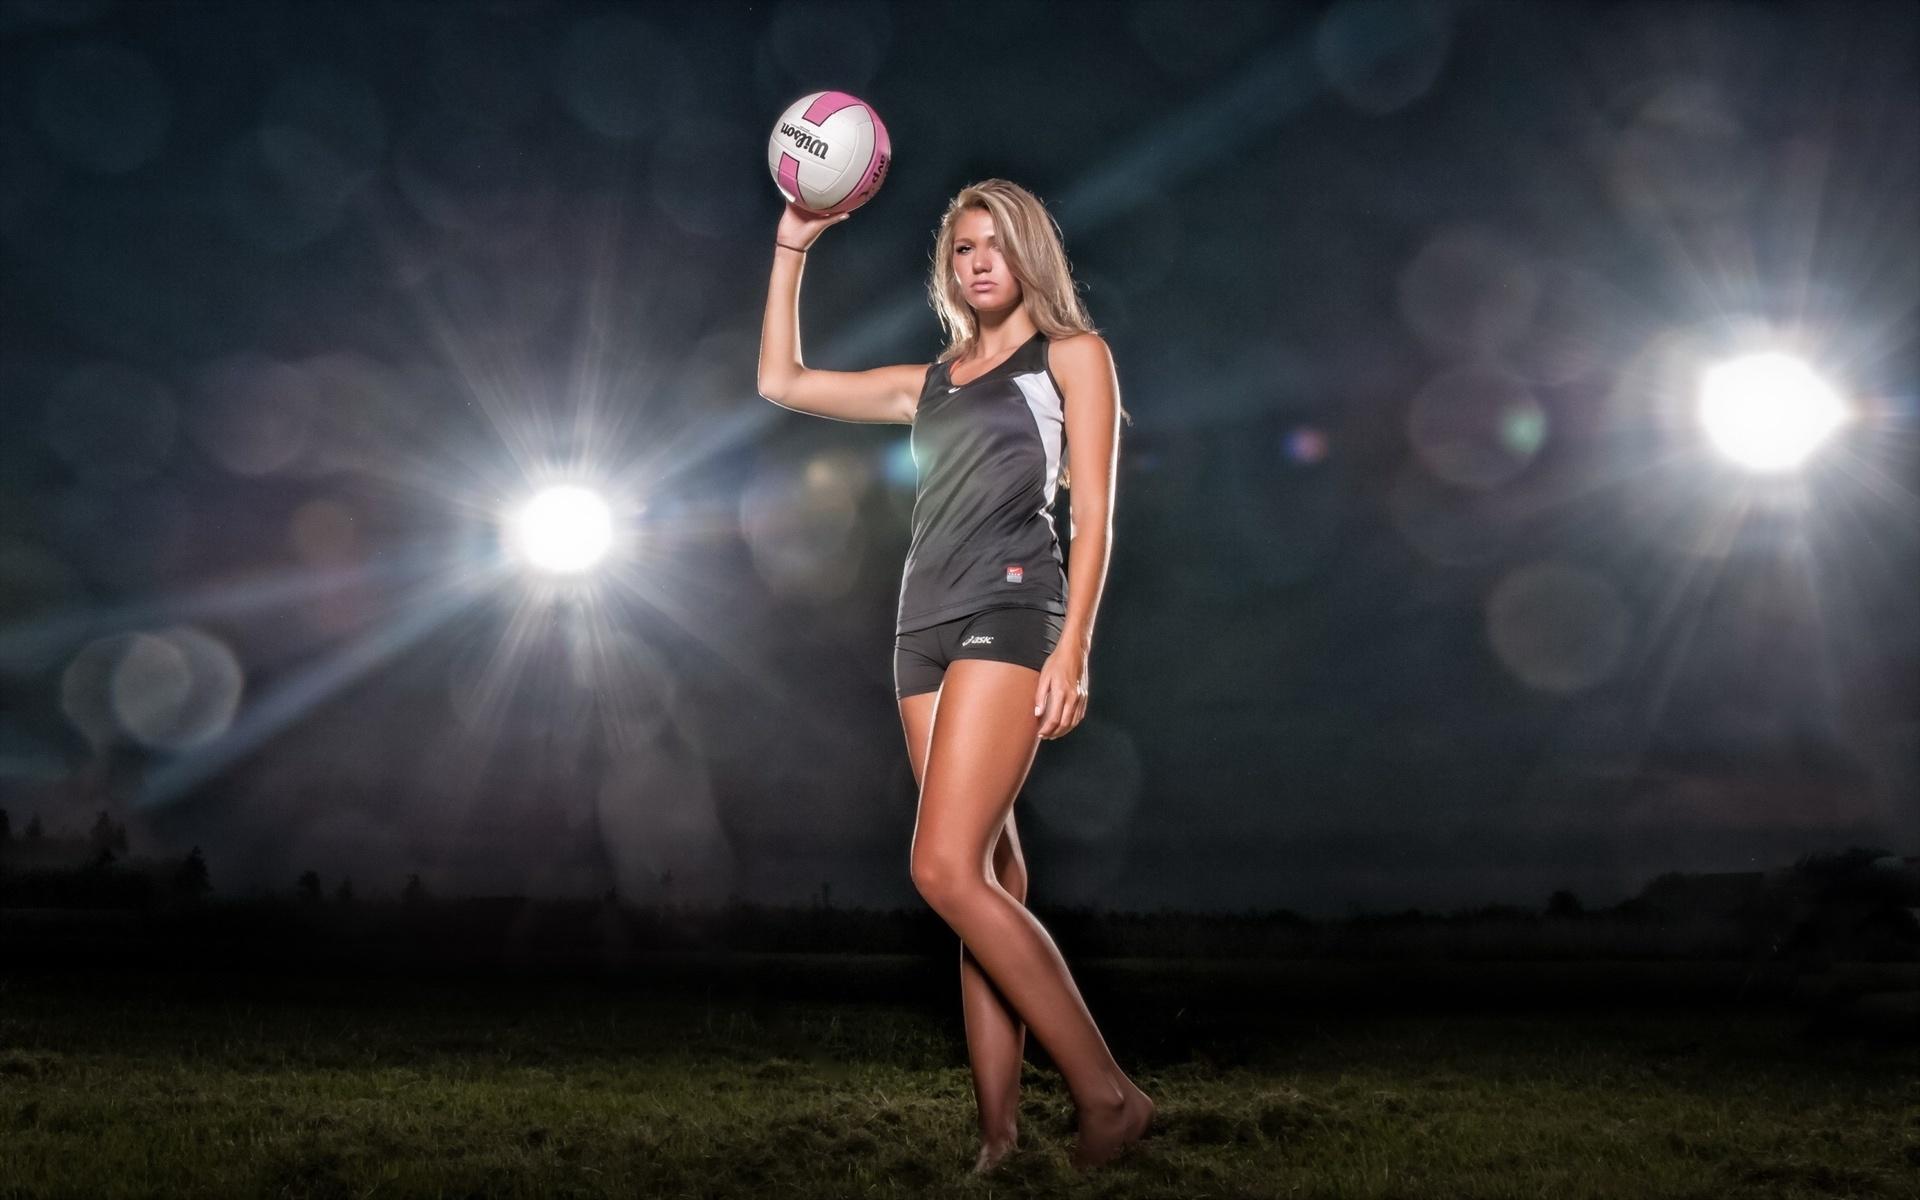 Красивые картинки девушки с мячом